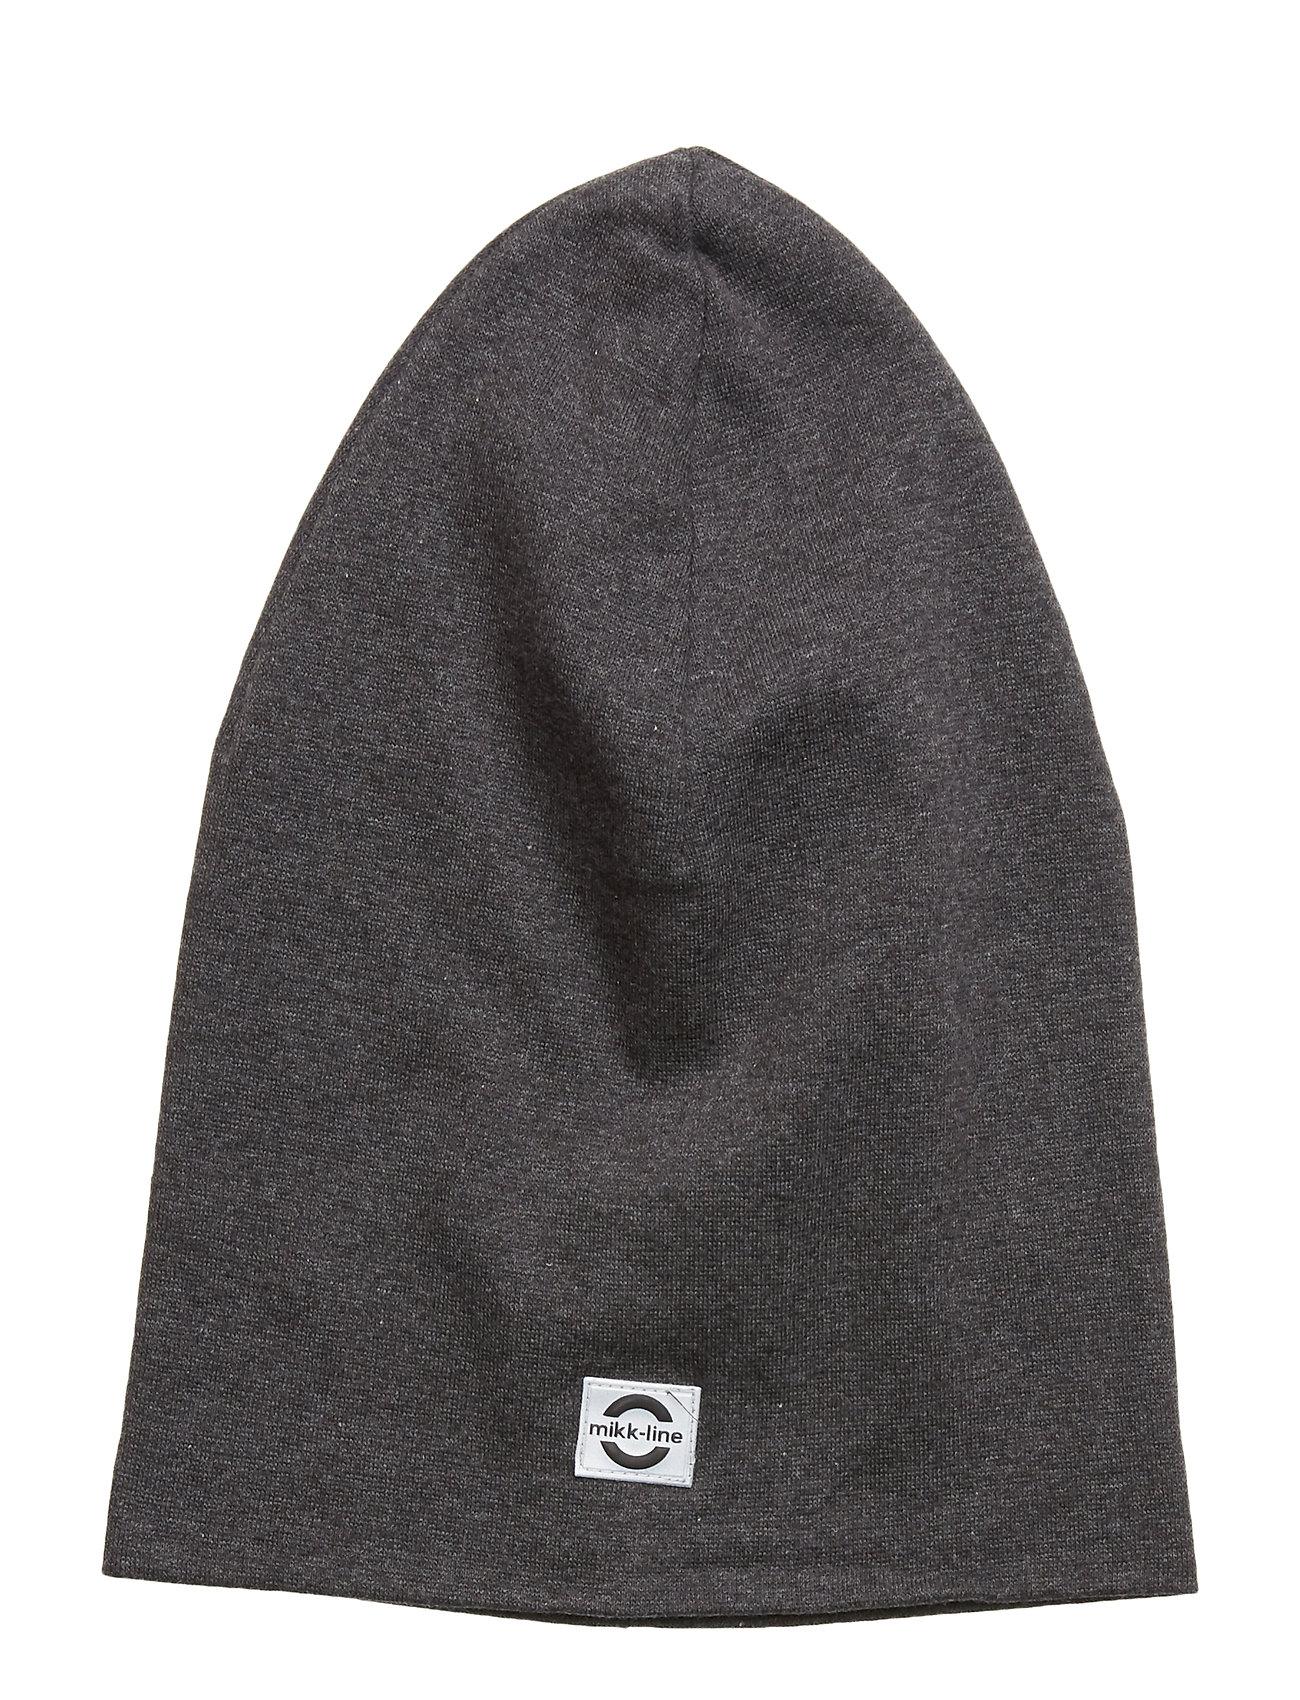 Image of Cotton Long Hat Accessories Headwear Hats Grå Mikk-Line (3406172915)